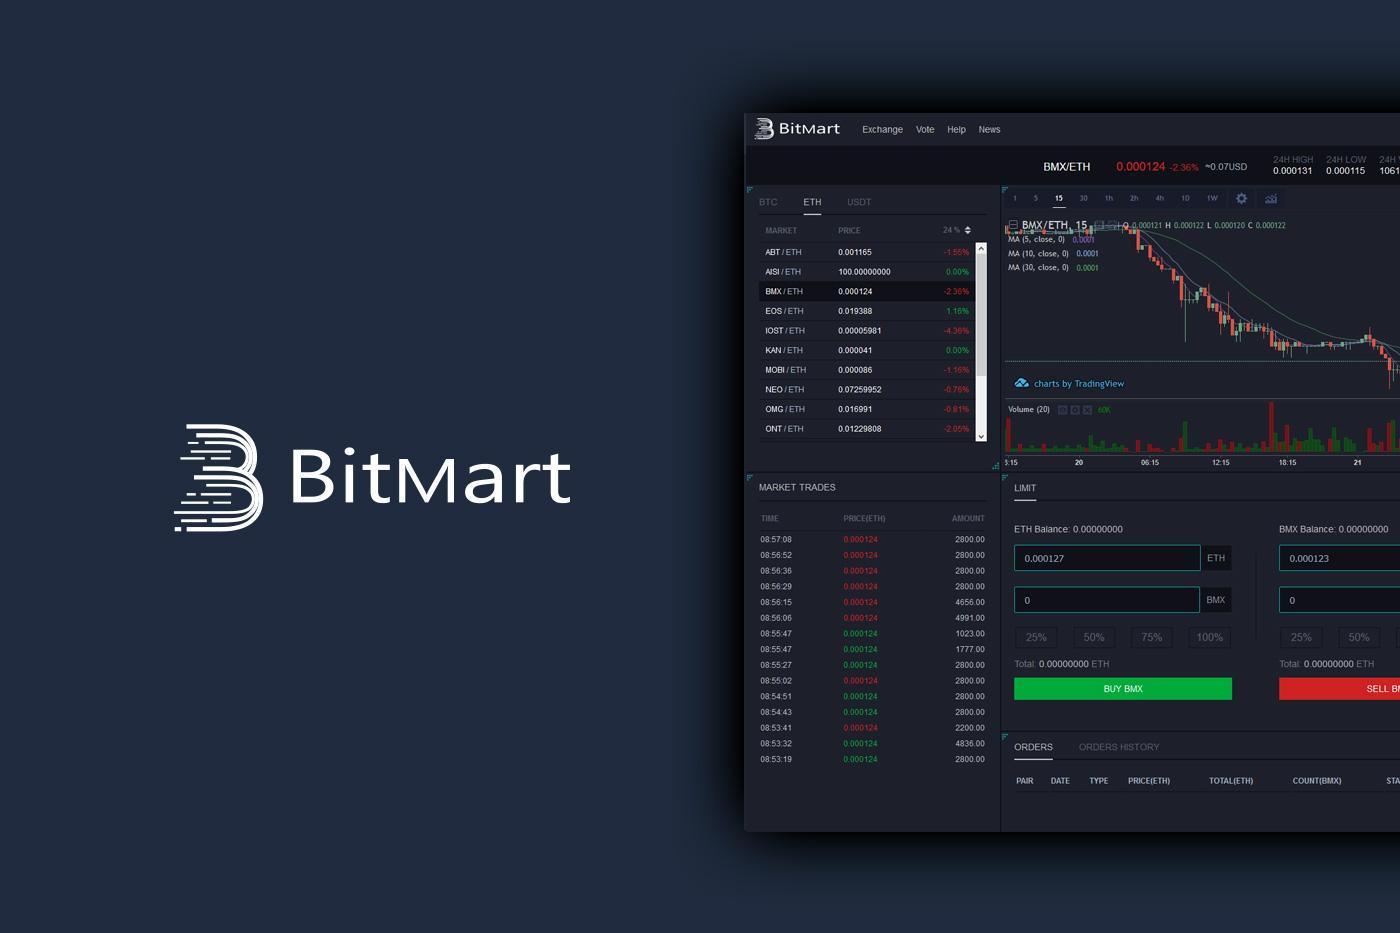 【完全版】ビットマート BitMart取引所のSSF設定方法を解説